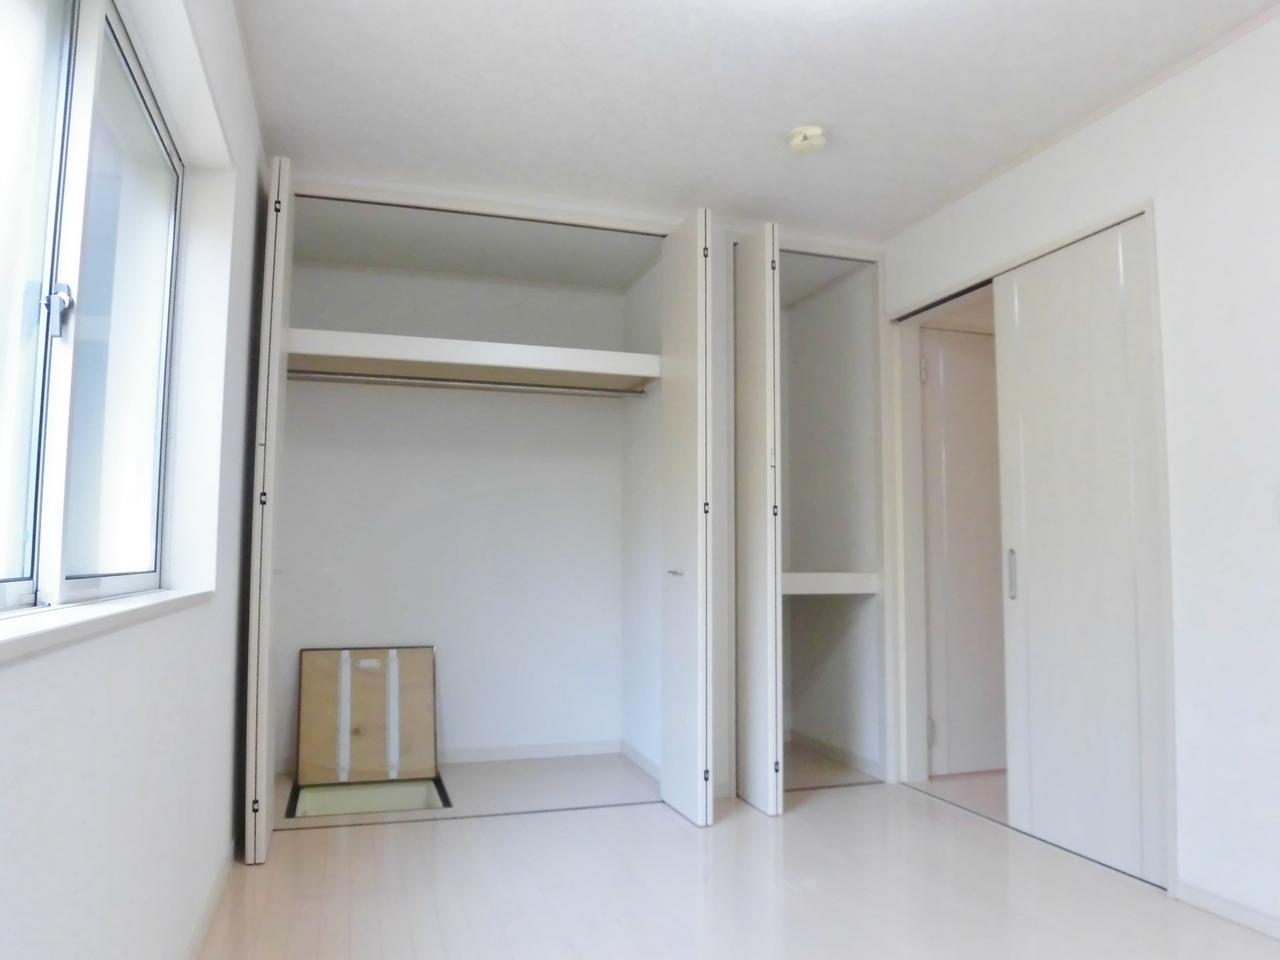 1階洋室です。クローゼットが2ヶ所あり収納豊富です。